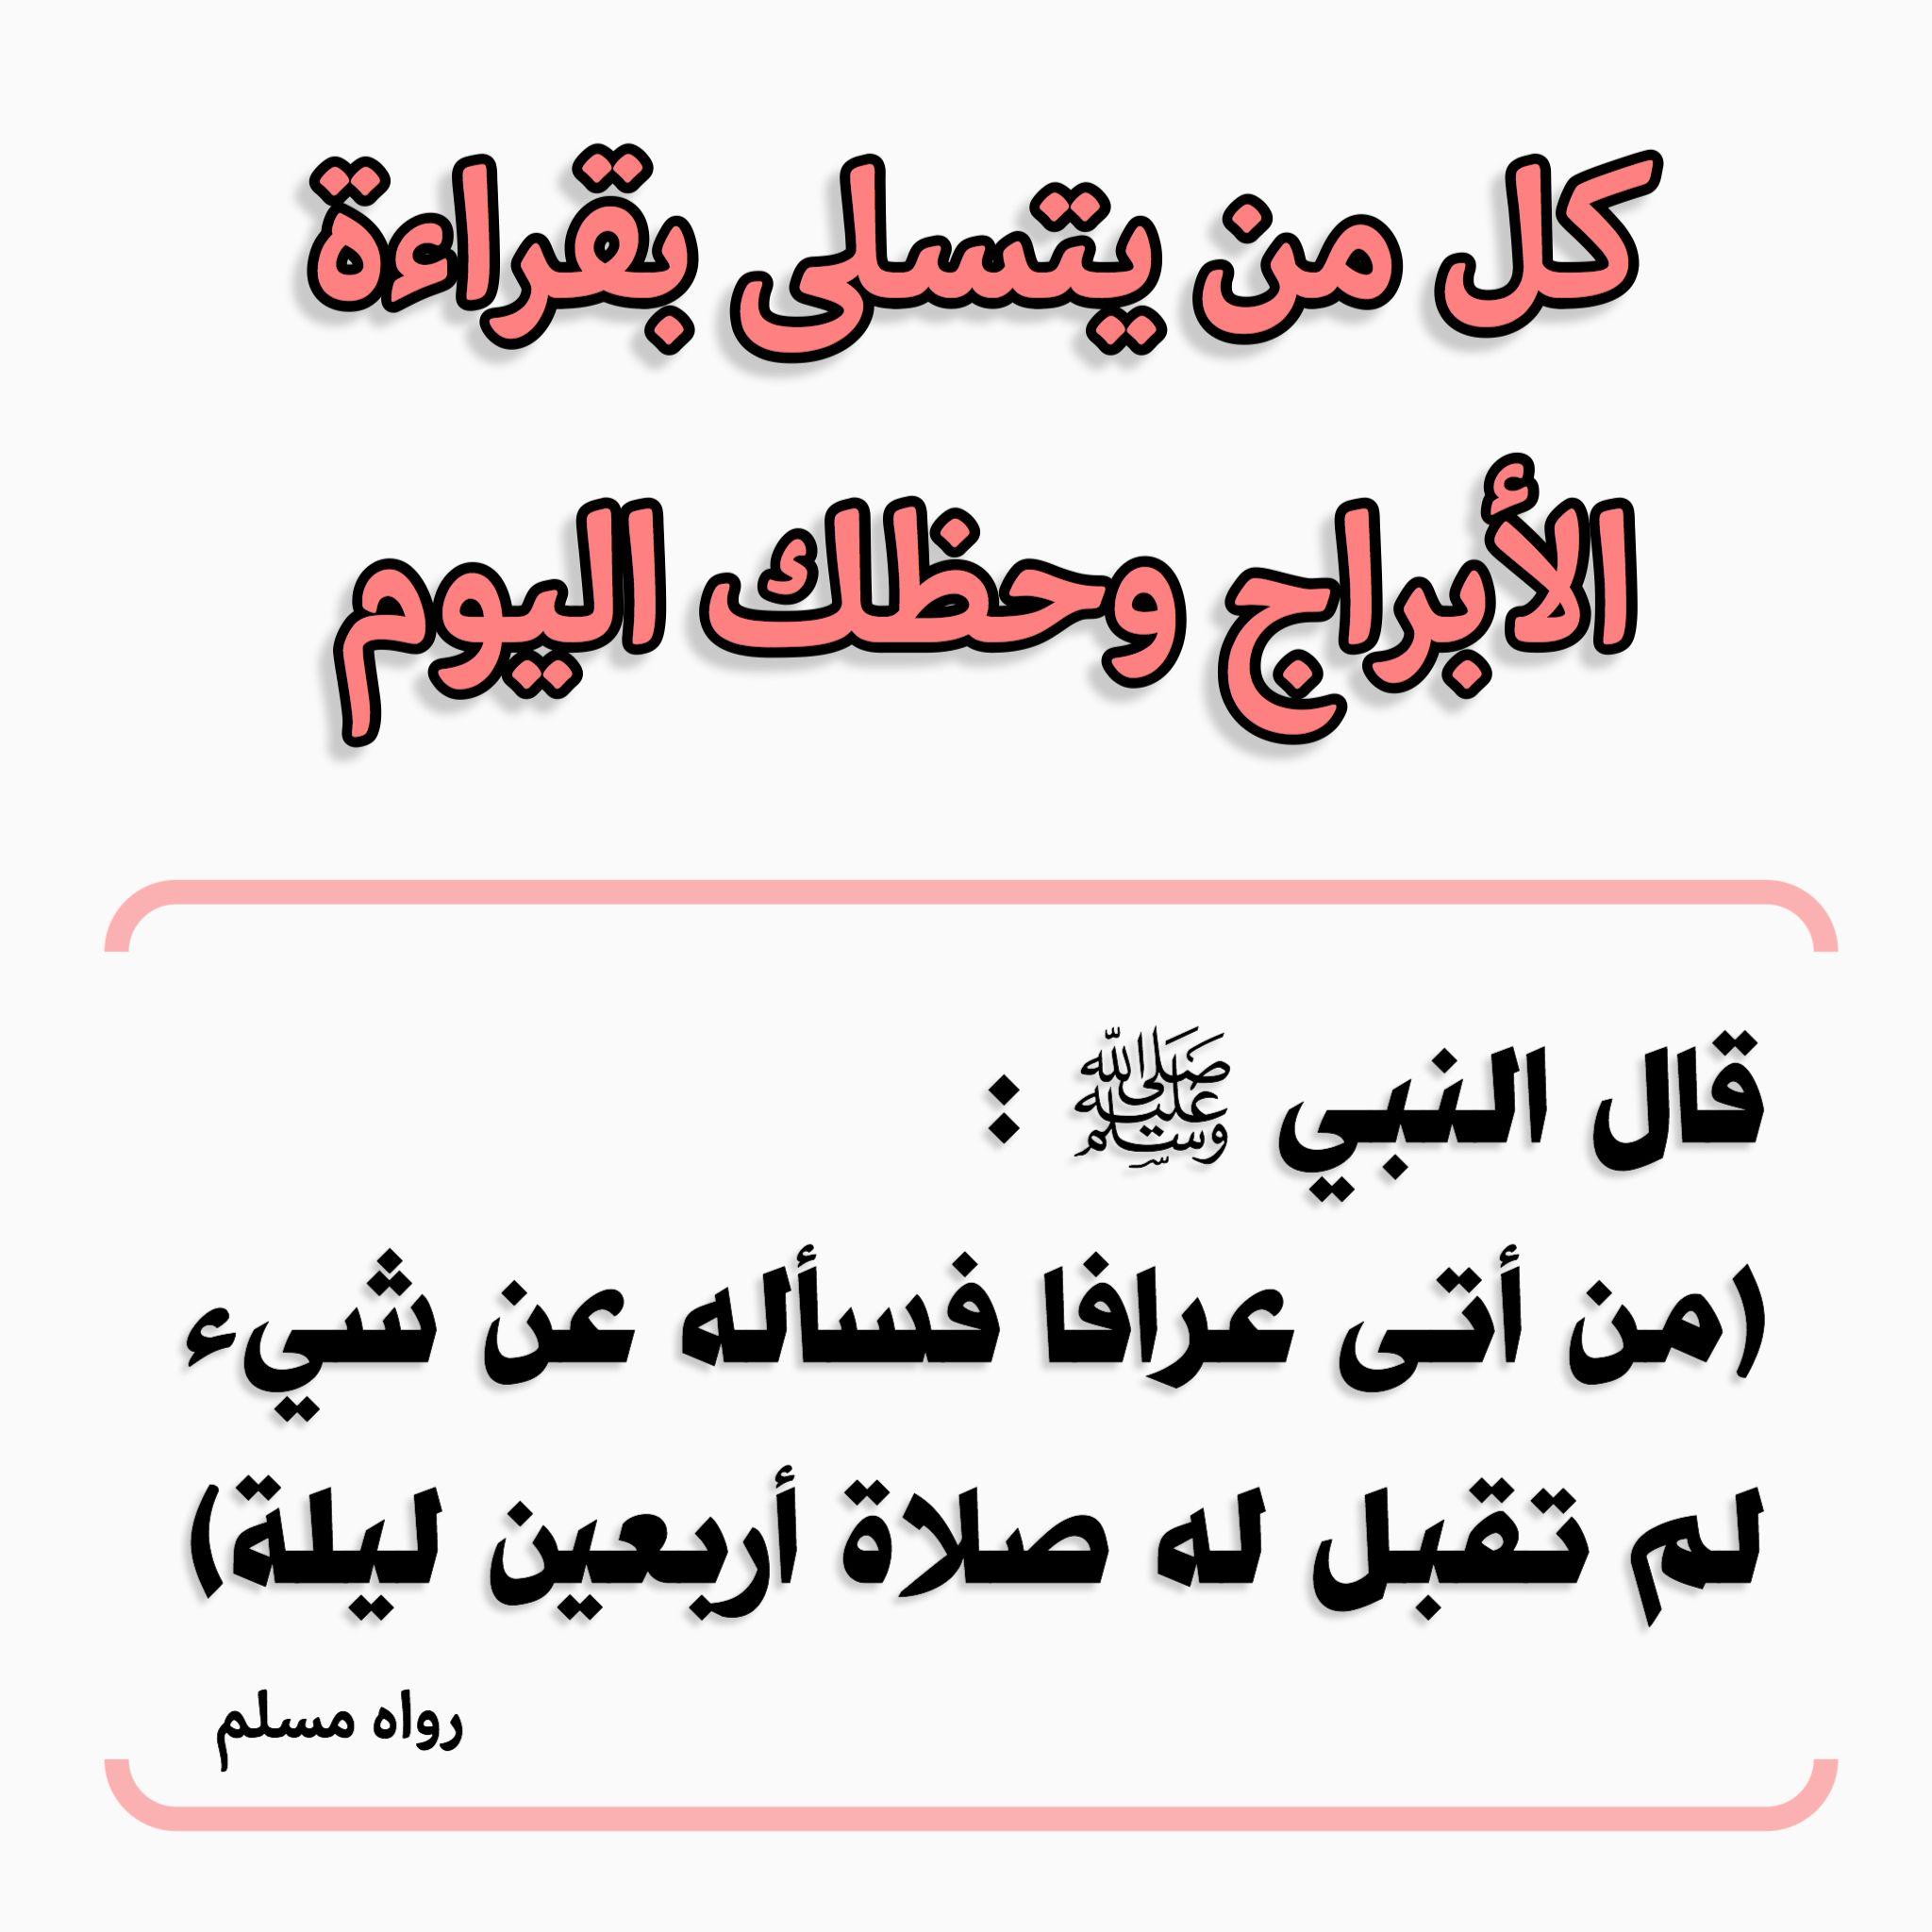 الأبراج Islam Keep In Mind Mindfulness